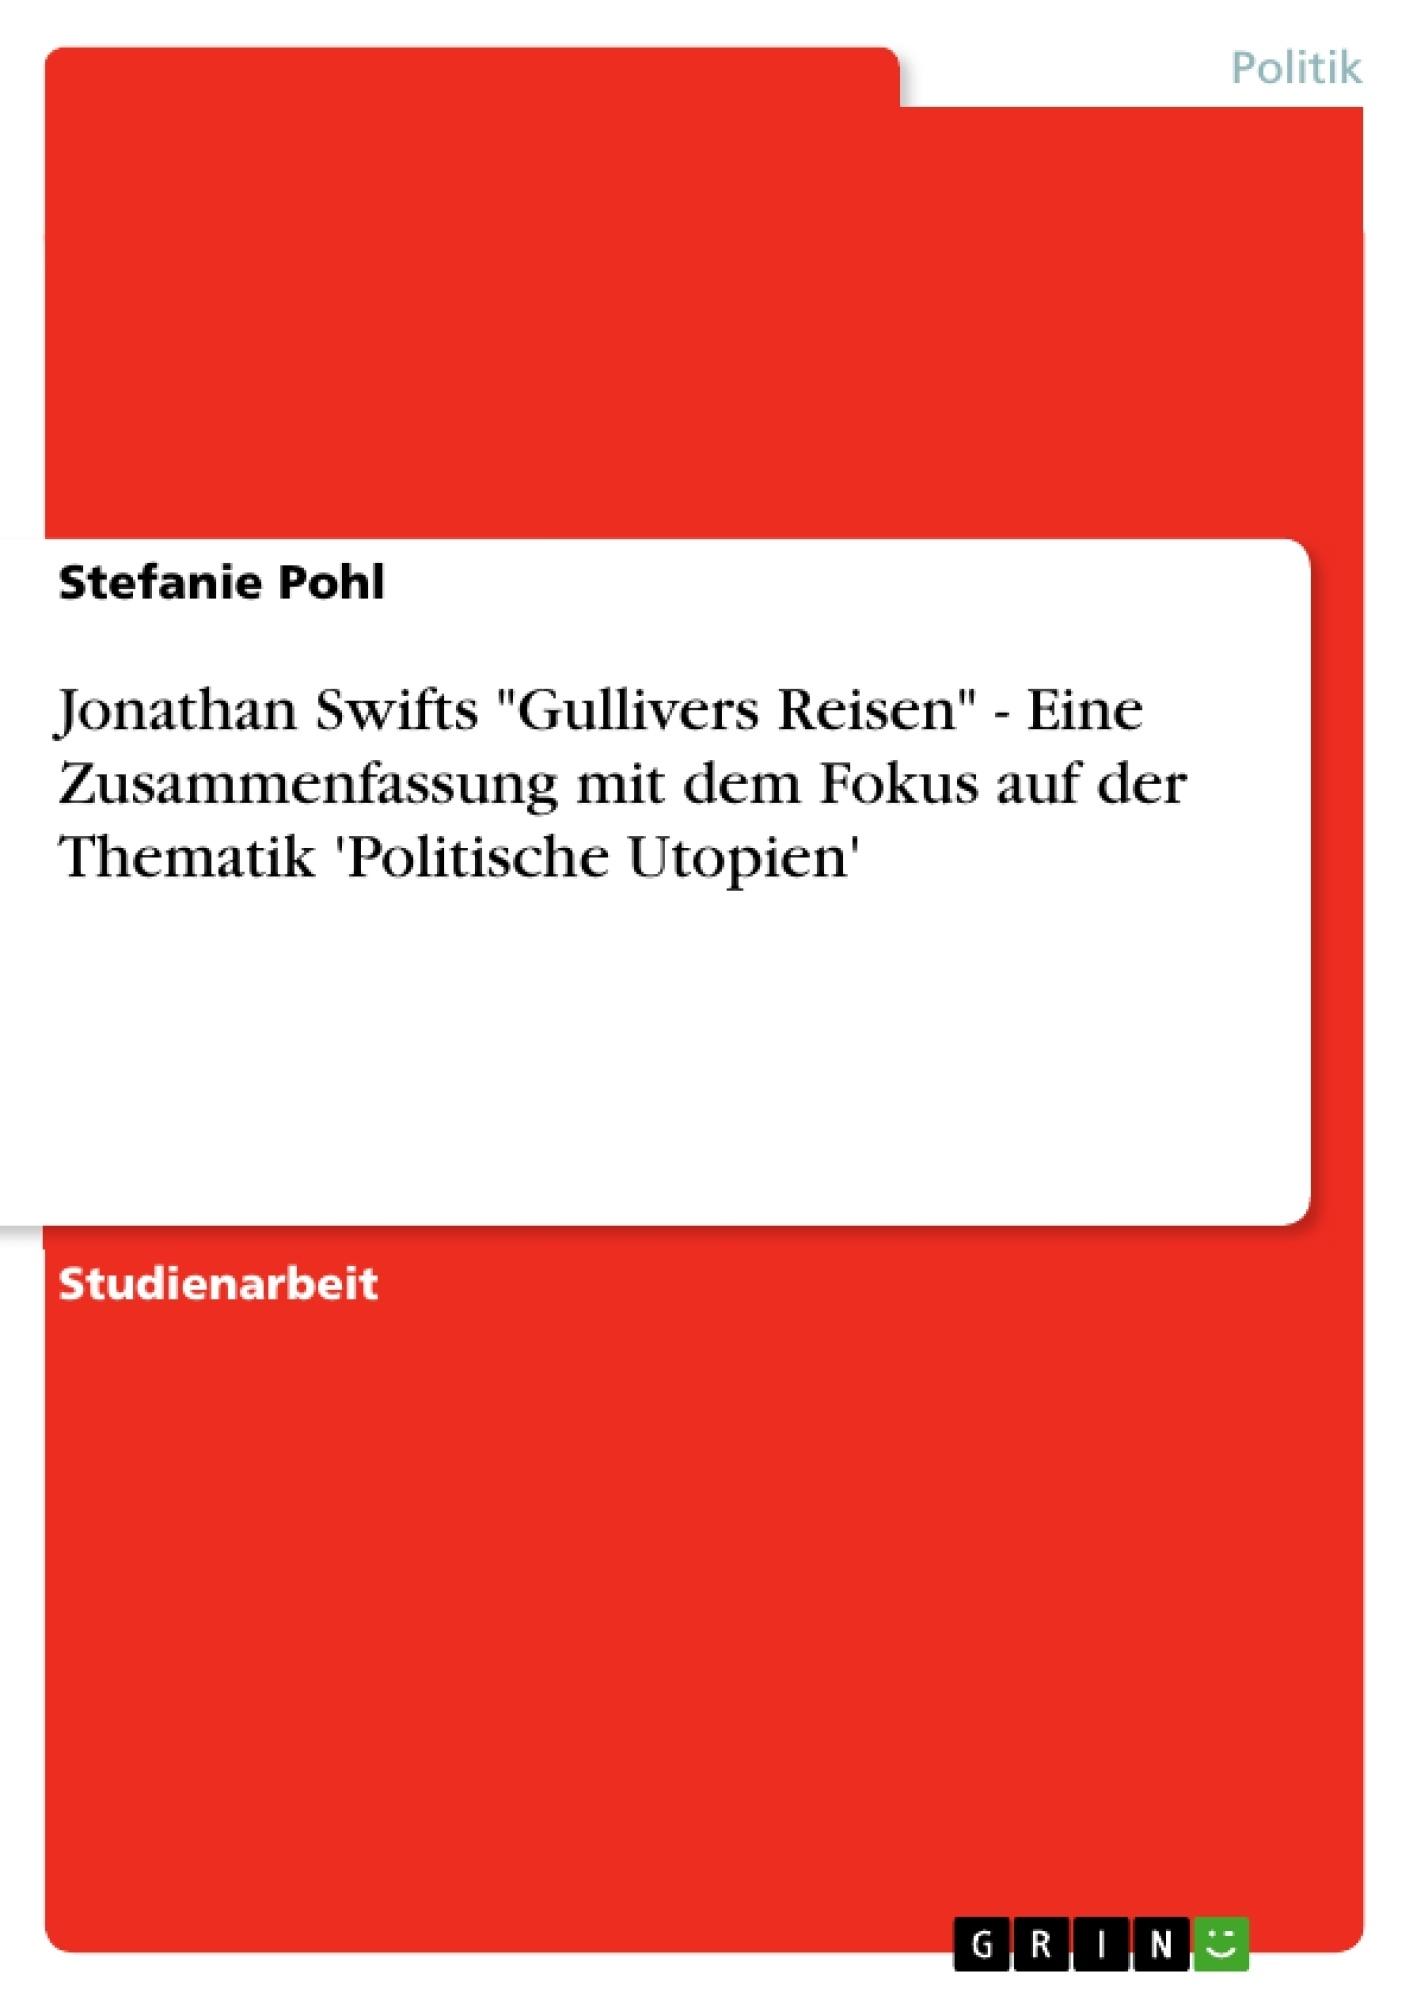 """Titel: Jonathan Swifts """"Gullivers Reisen"""" - Eine Zusammenfassung mit dem Fokus auf der Thematik 'Politische Utopien'"""